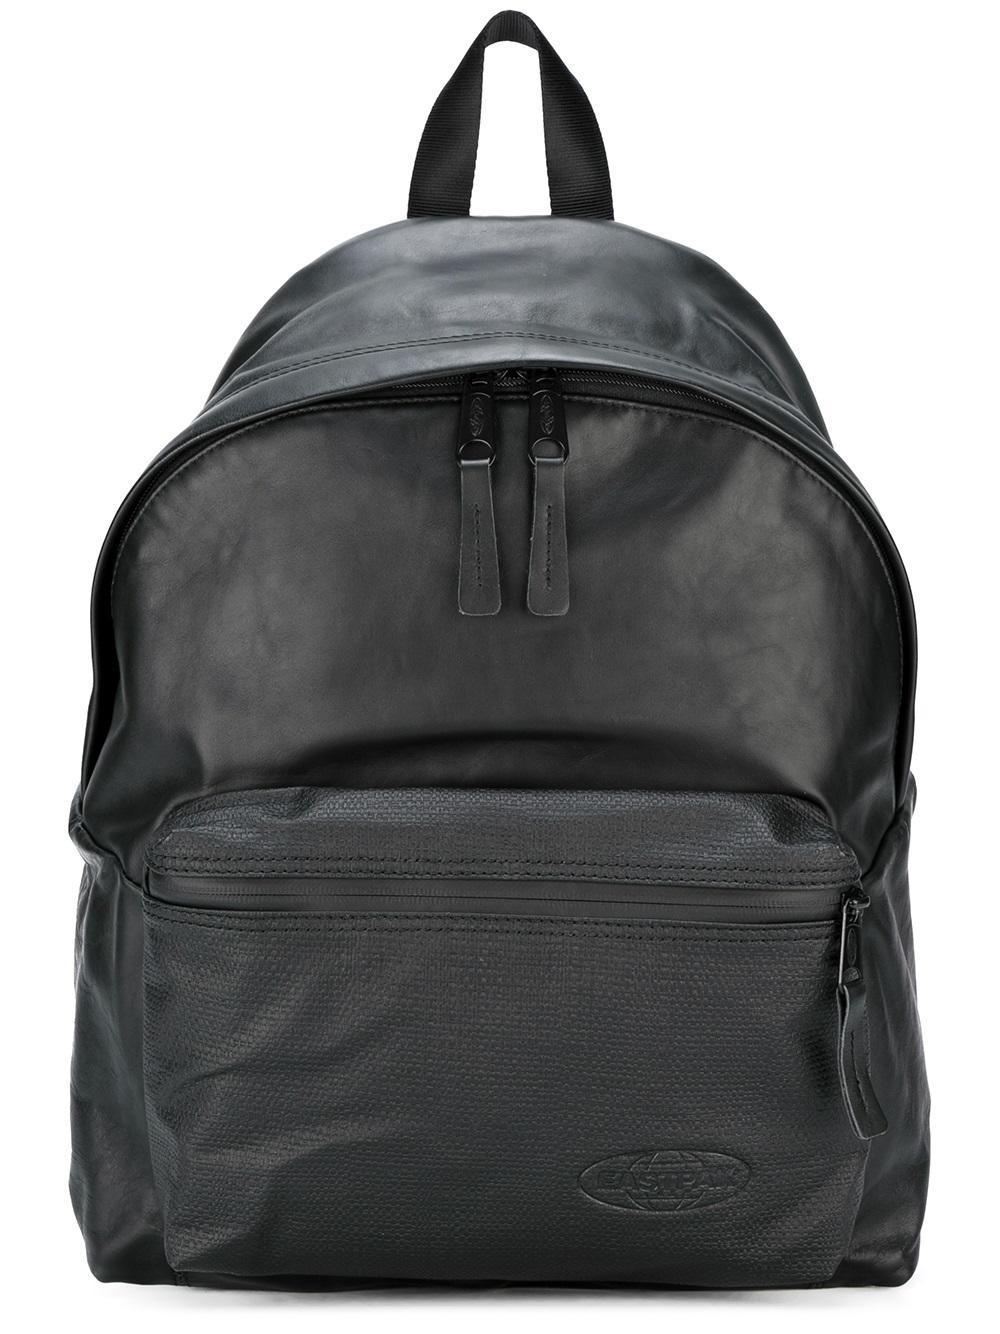 Leather Eastpak Backpack: Eastpak Leather Backpack In Black For Men